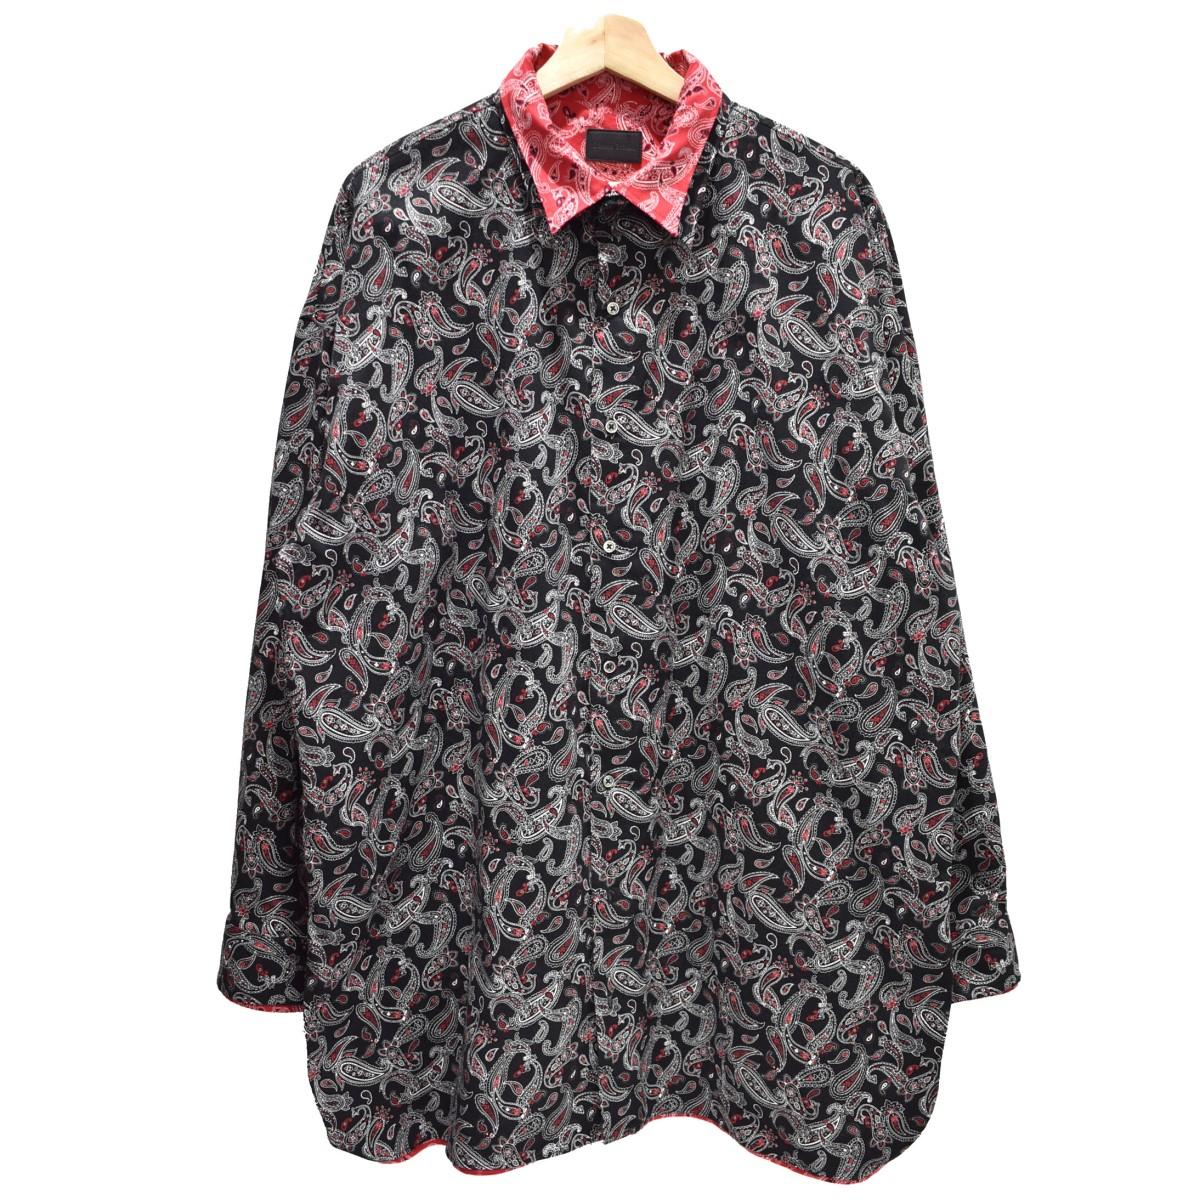 【中古】Danke schon ペイズリーレイヤードシャツ 長袖シャツ レッド×ブラック サイズ:FREE 【030420】(ダンケシェーン)